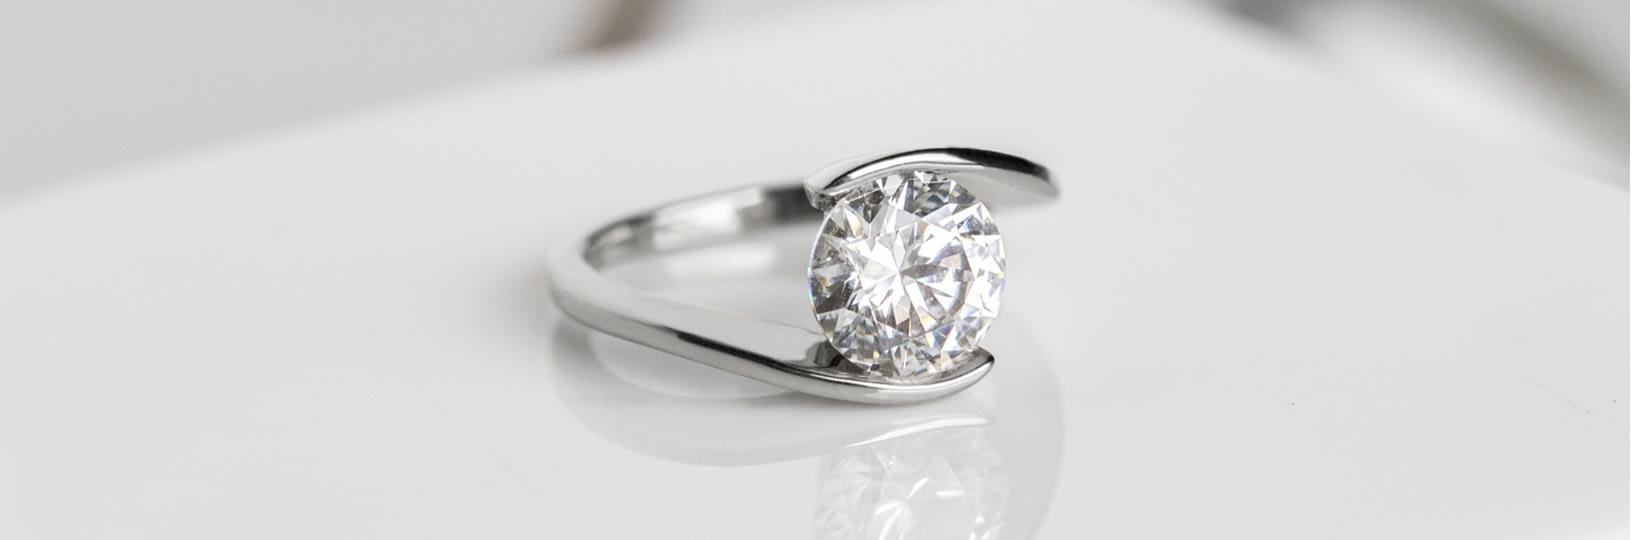 Tension set engagement ring.